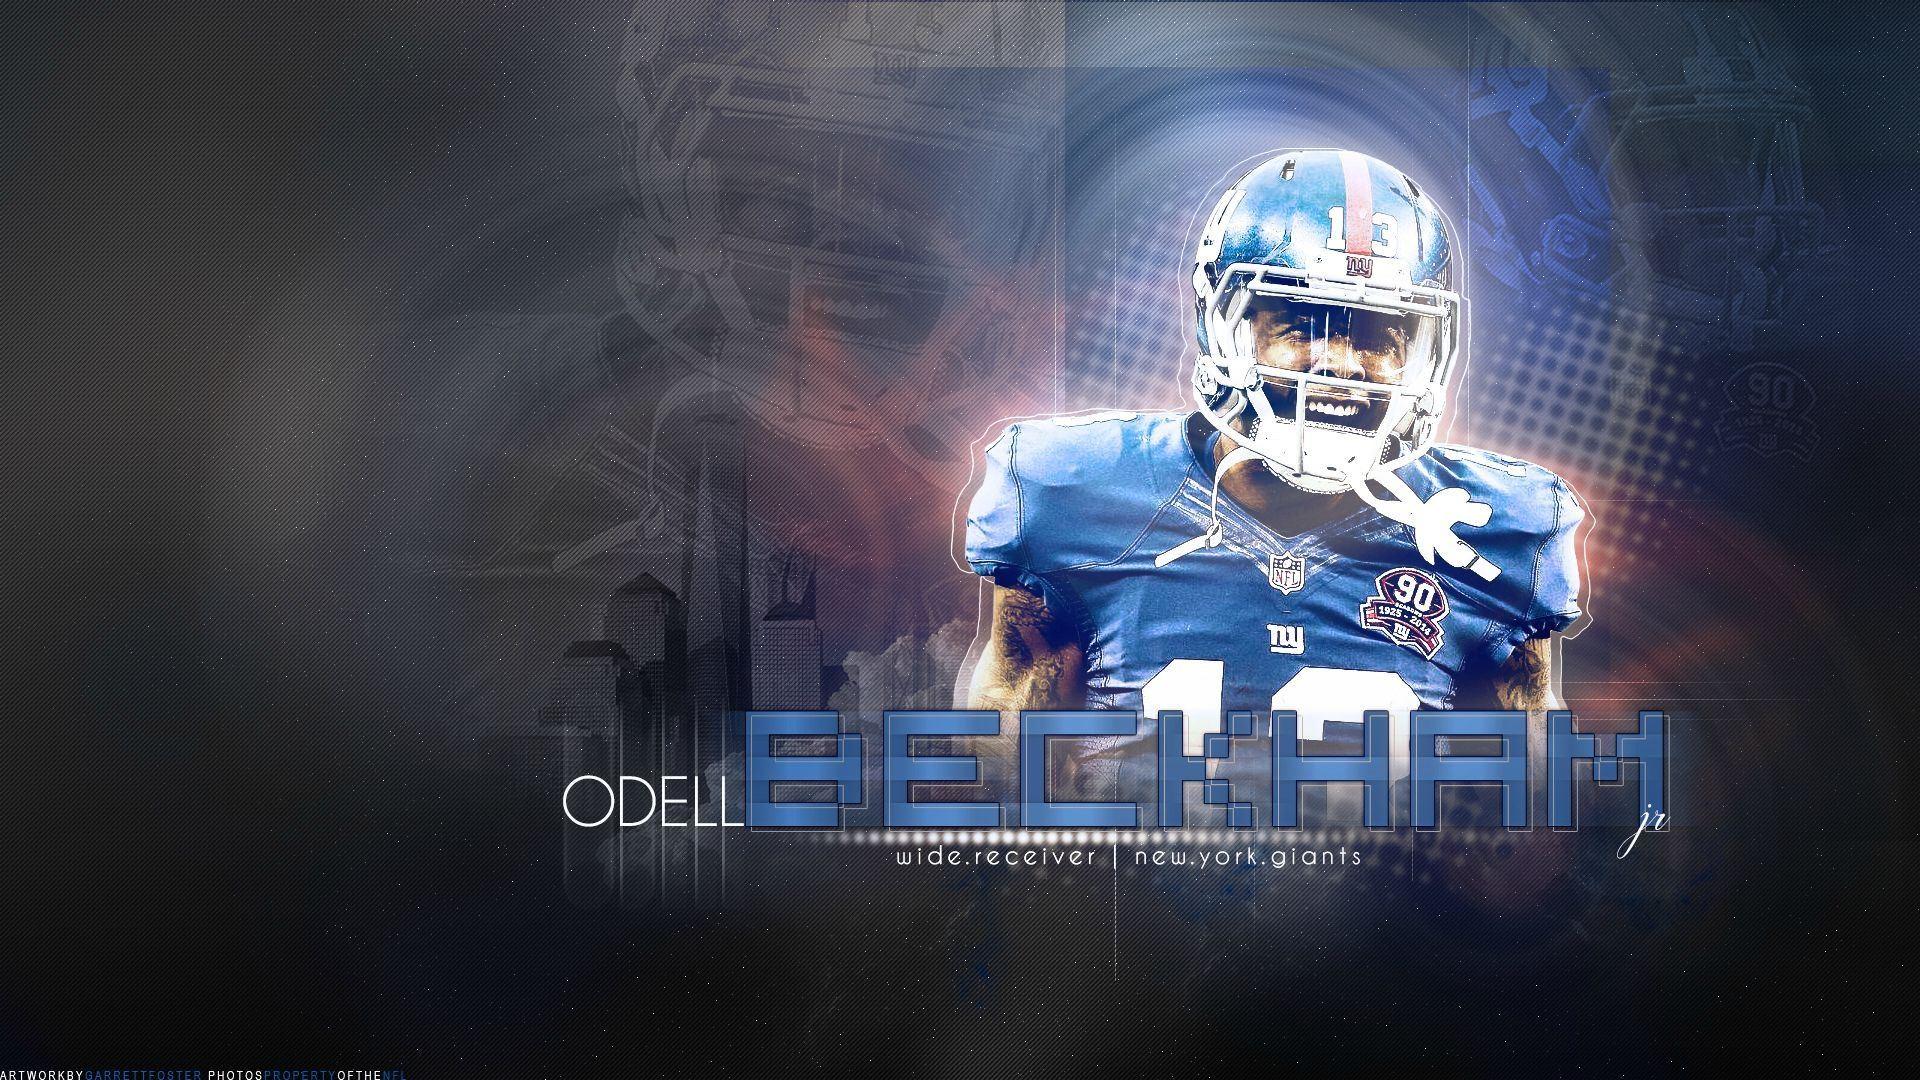 odell-beckham-jr-wide-receiver